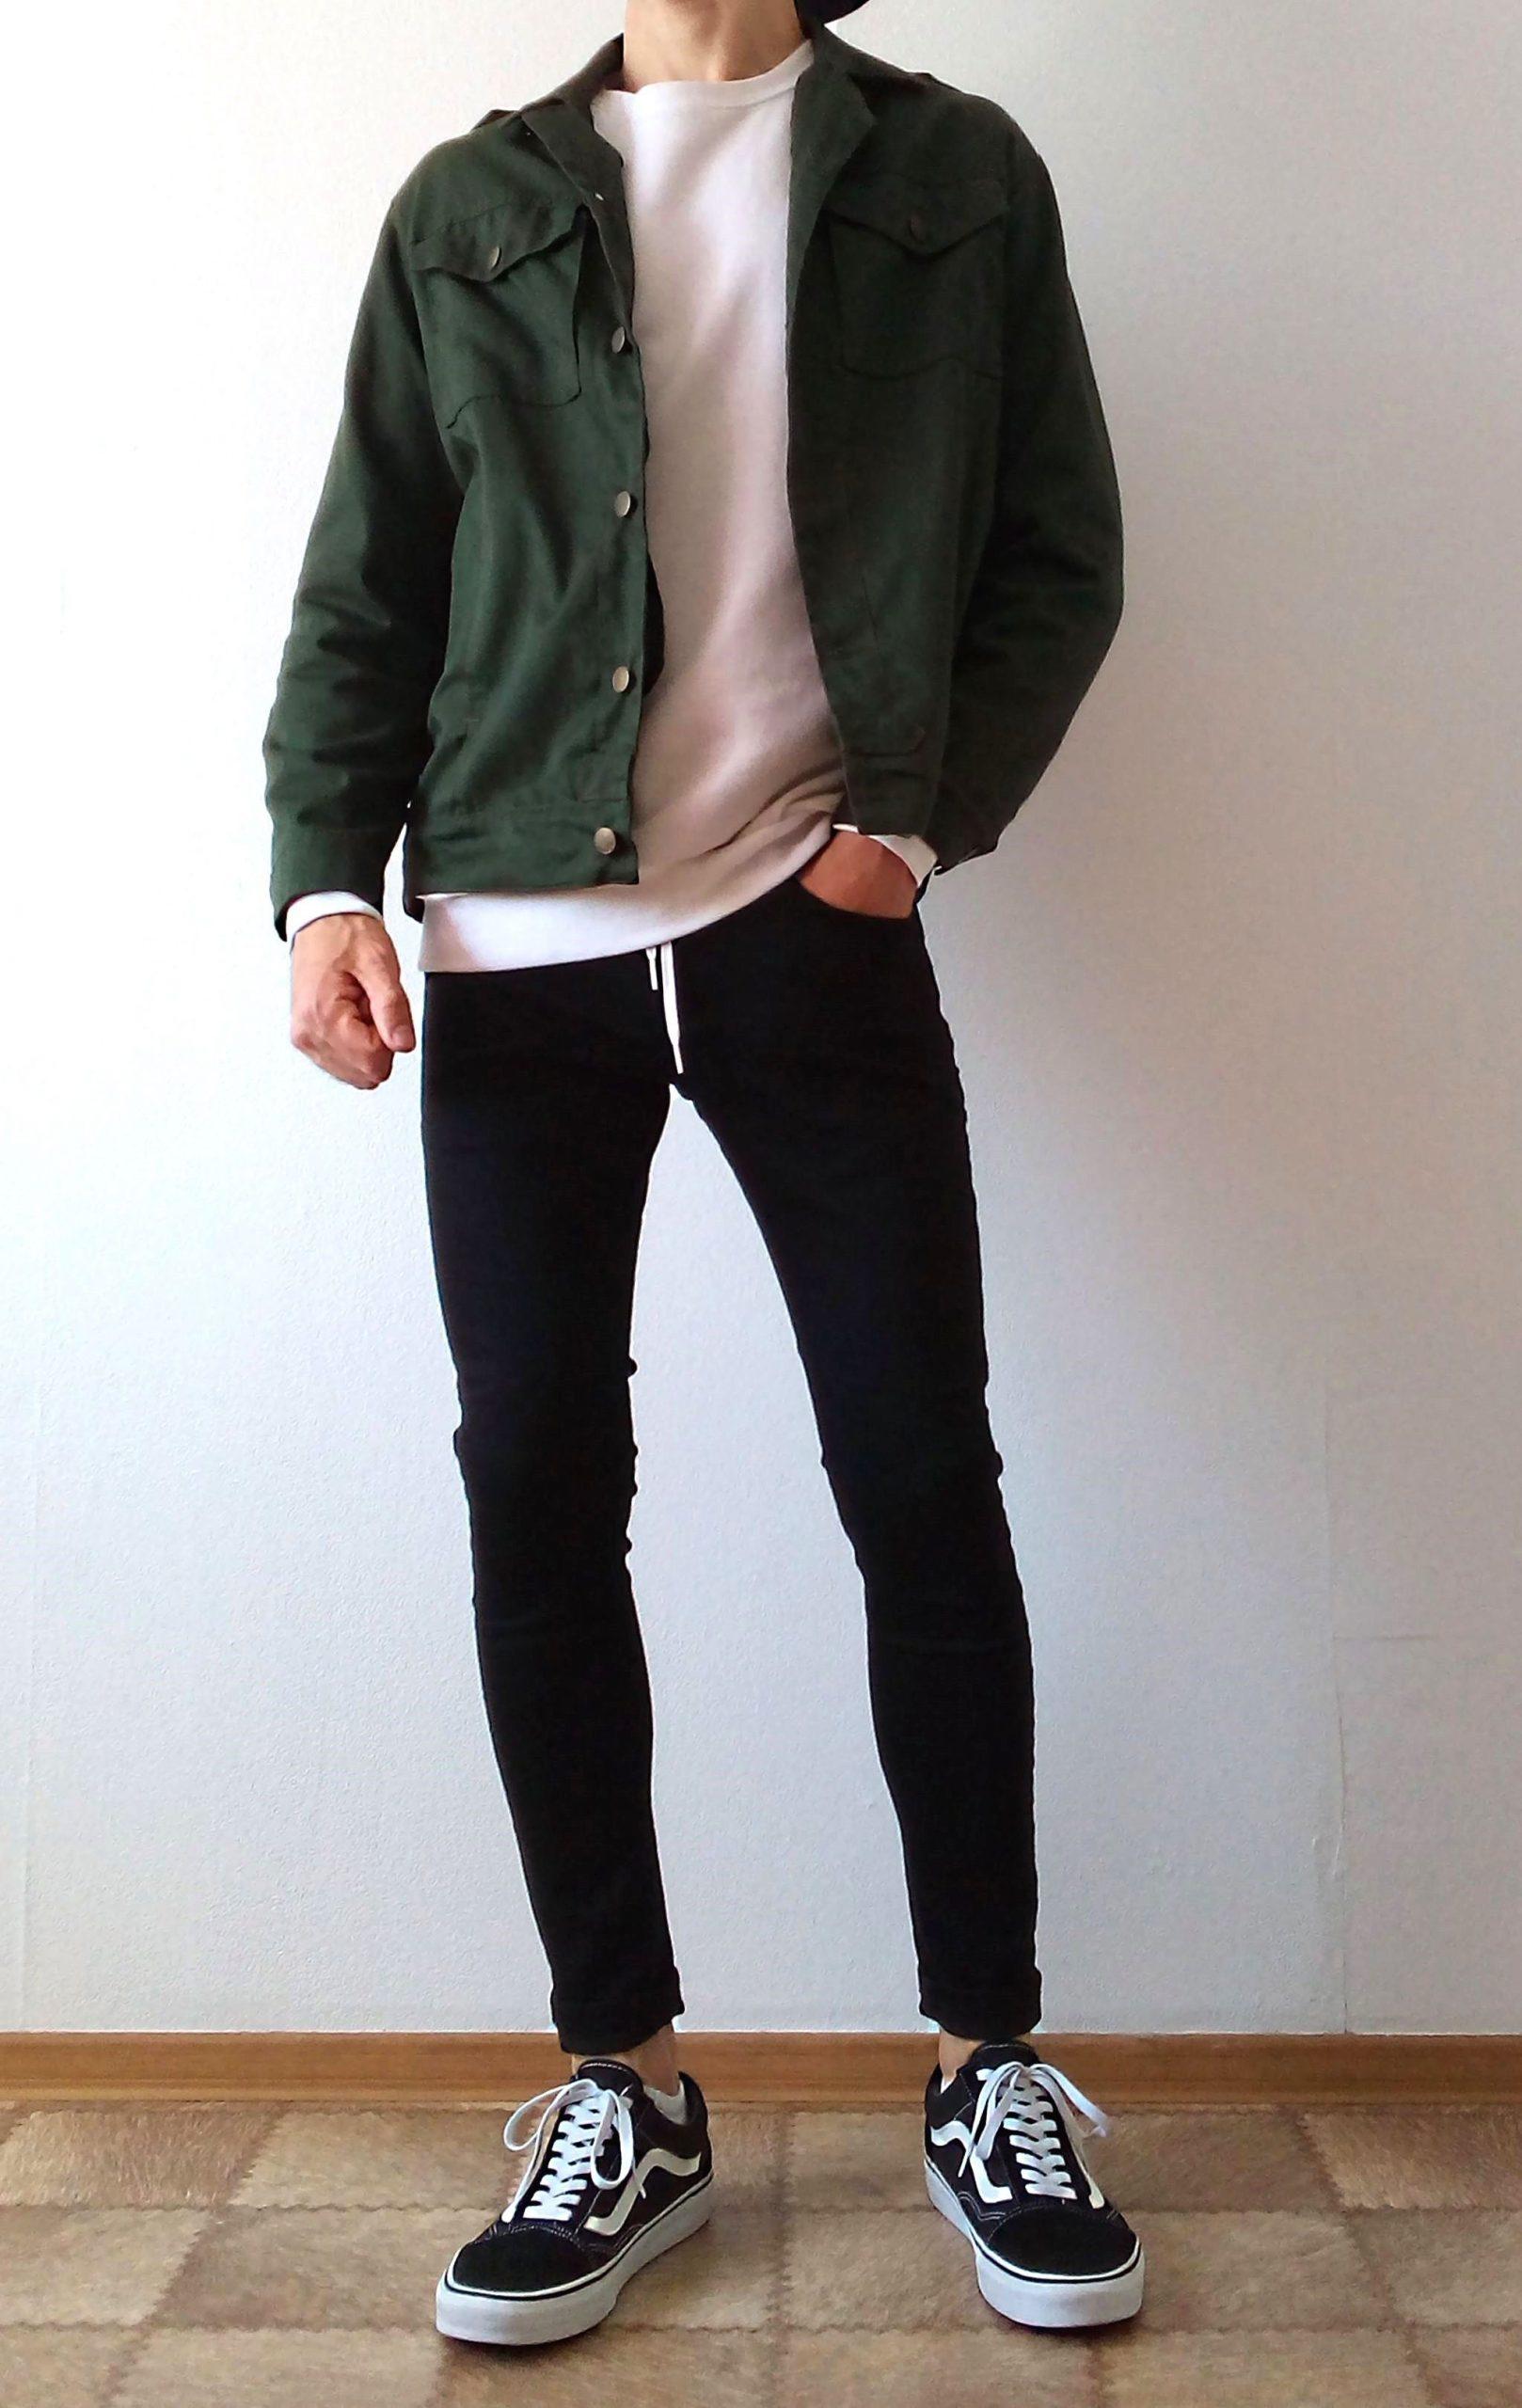 vans old skool black skinny jeans boys guys outfit | vans love #vans #vansoldsko…